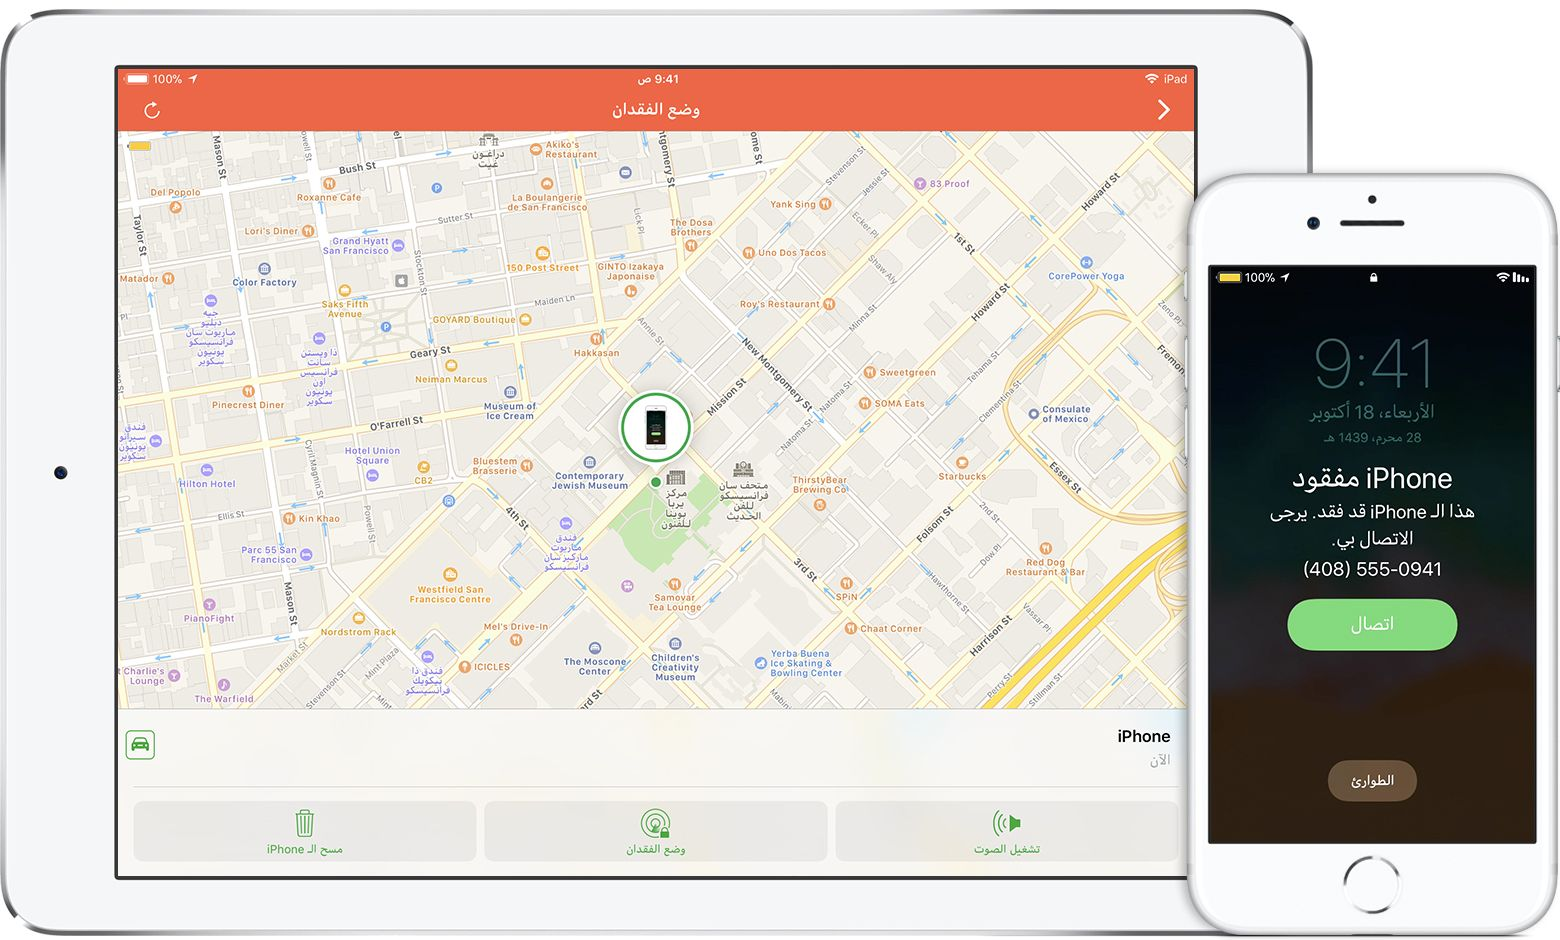 طريقة استرجاع الآيفون الخاص بك في حالة إن كنت قد فقدته أو س ر ق منك Map Iphone Map Screenshot